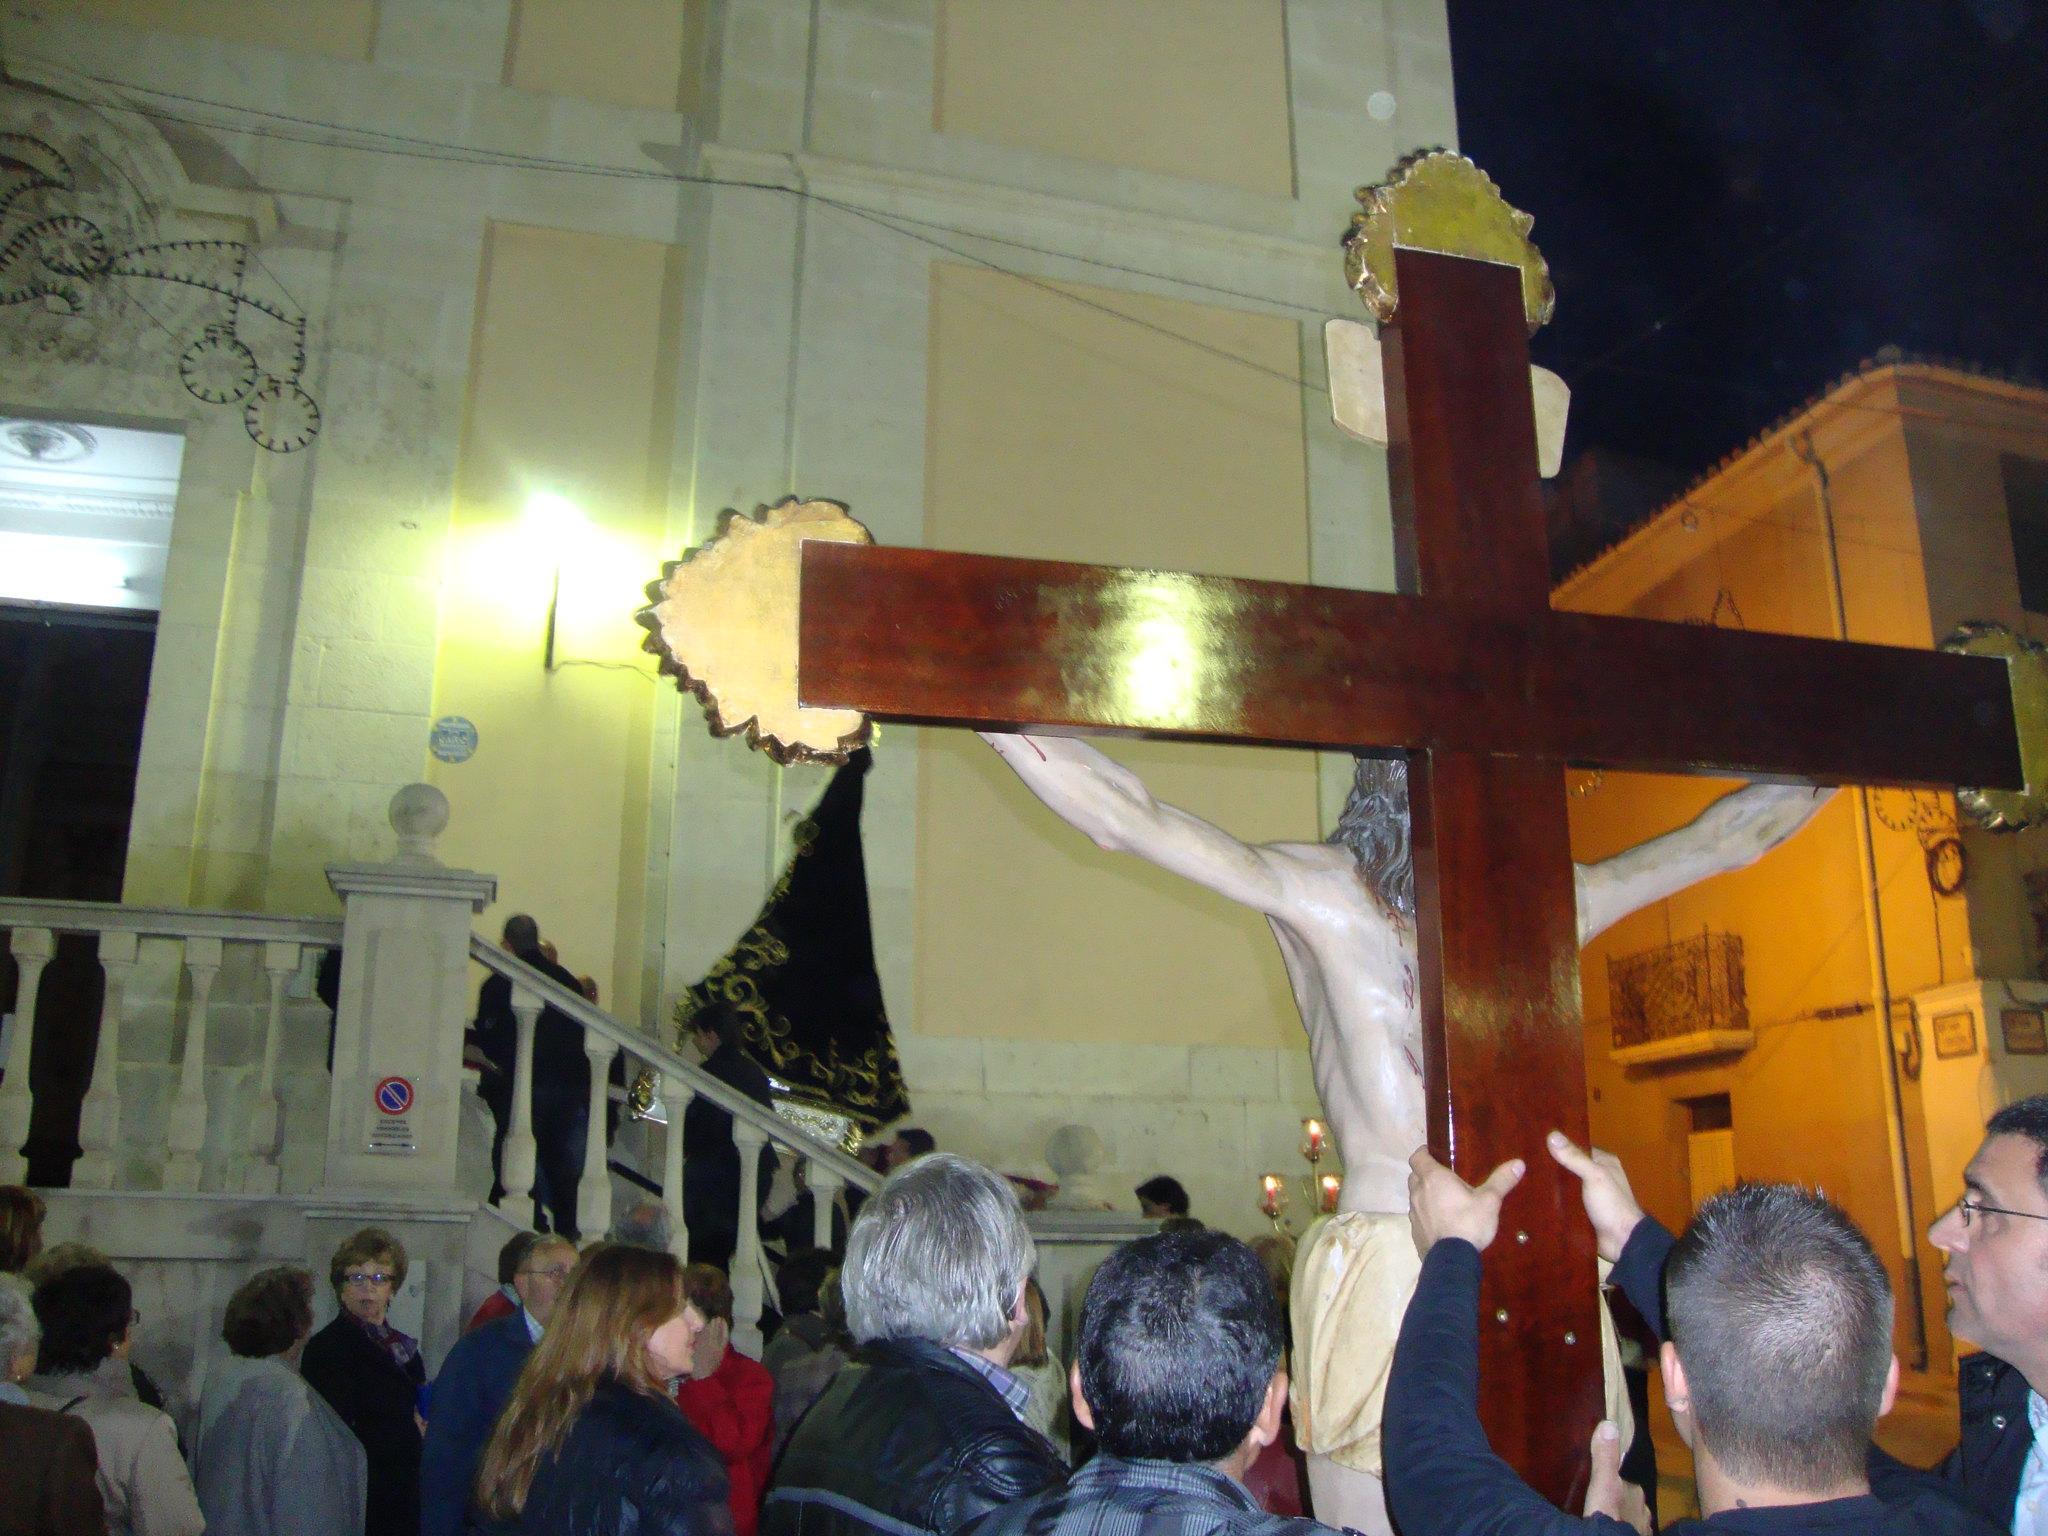 (2011-04-15) - II Vía Crucis nocturno - Javier Montesinos Villaplana -  (08)